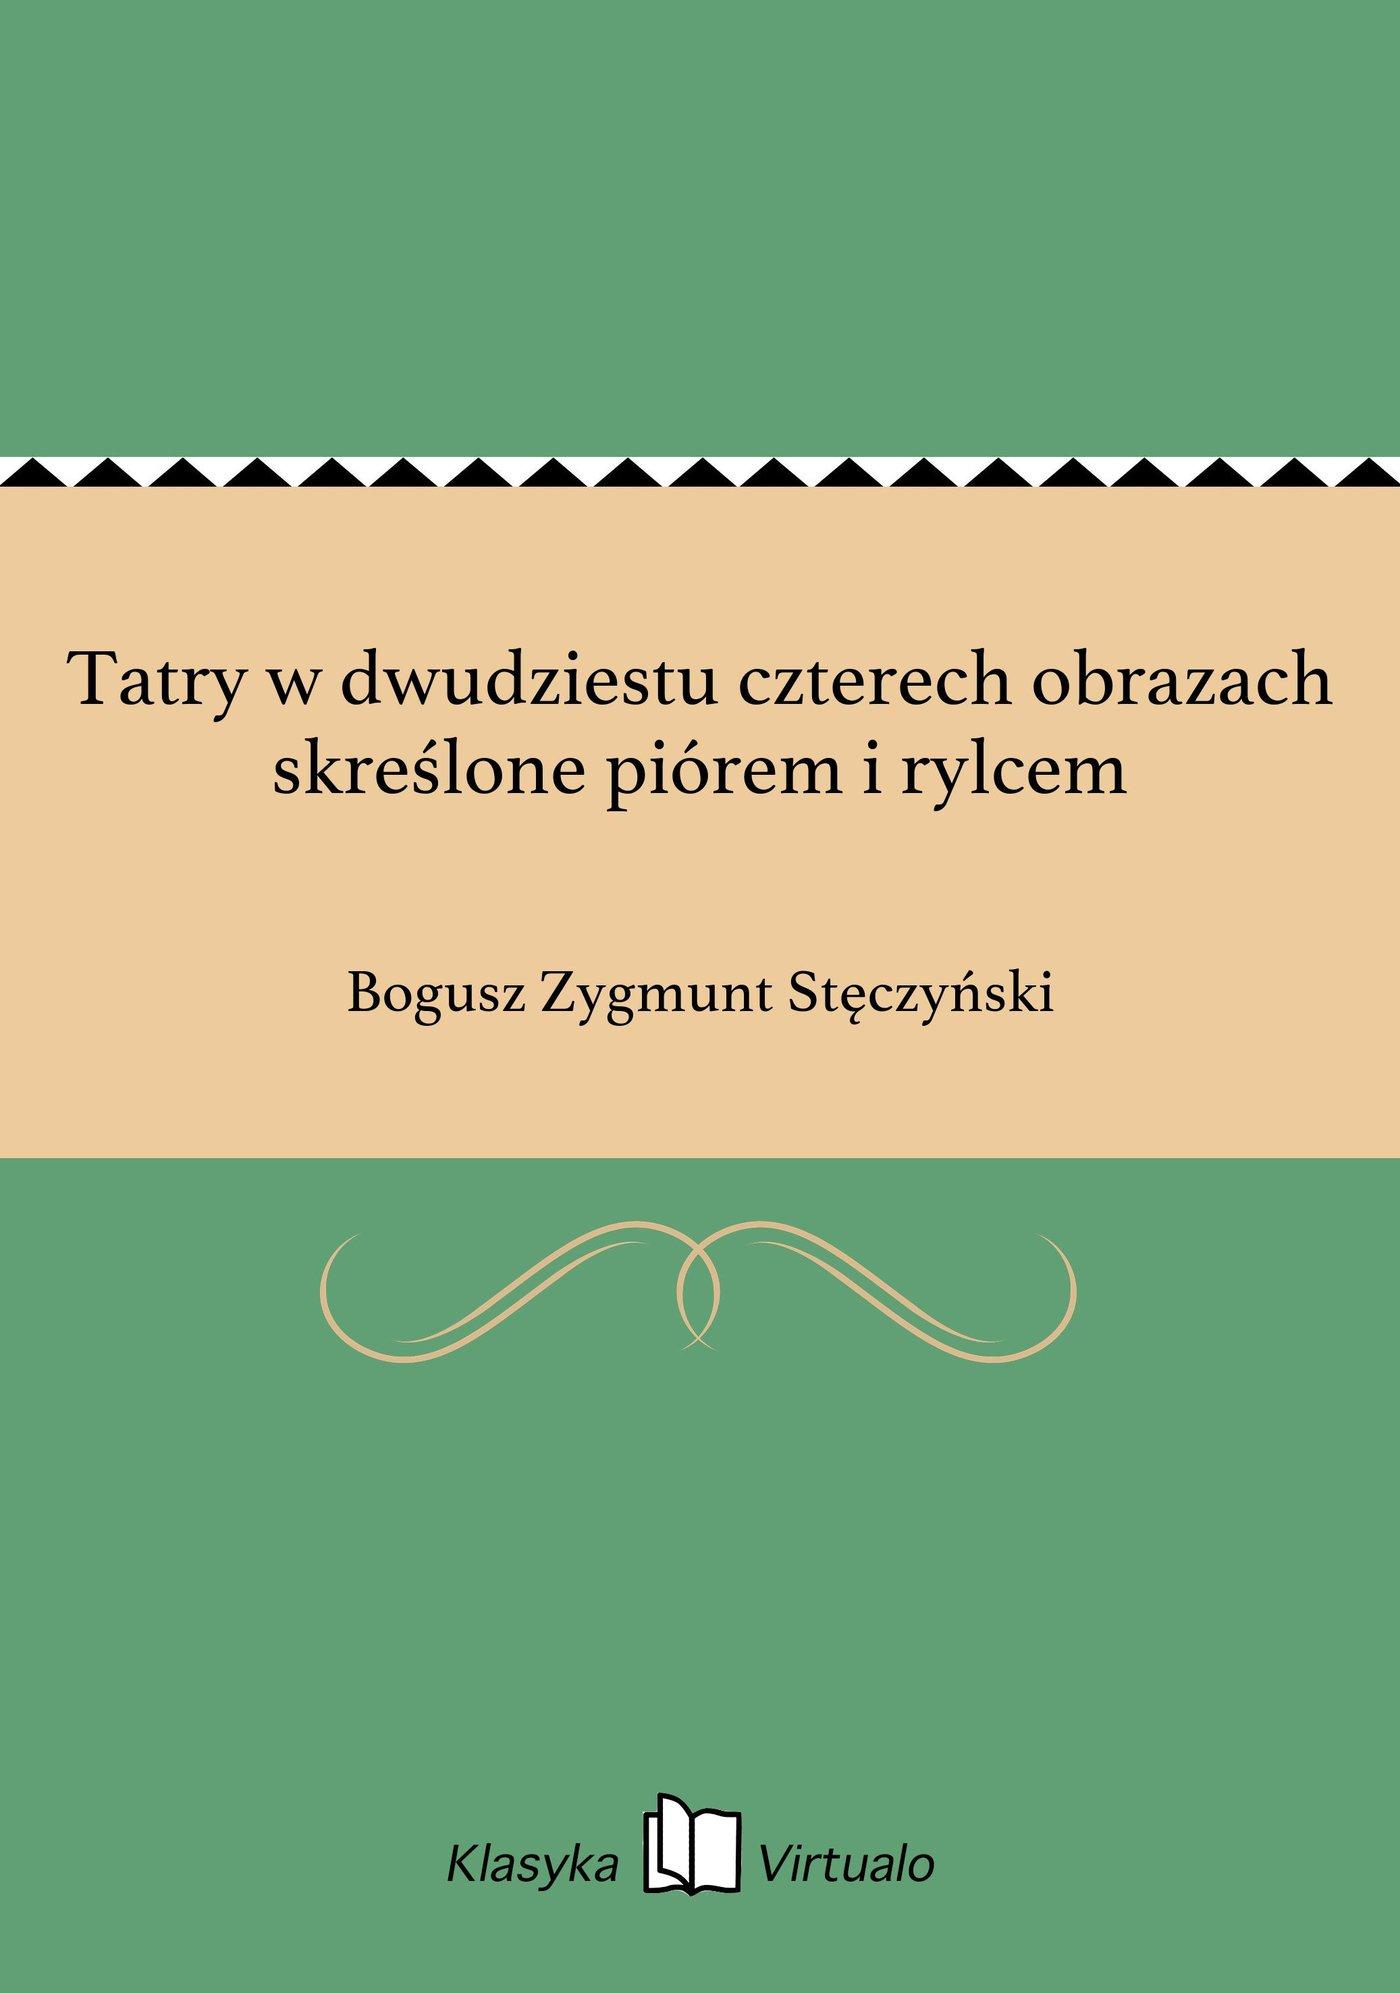 Tatry w dwudziestu czterech obrazach skreślone piórem i rylcem - Ebook (Książka EPUB) do pobrania w formacie EPUB